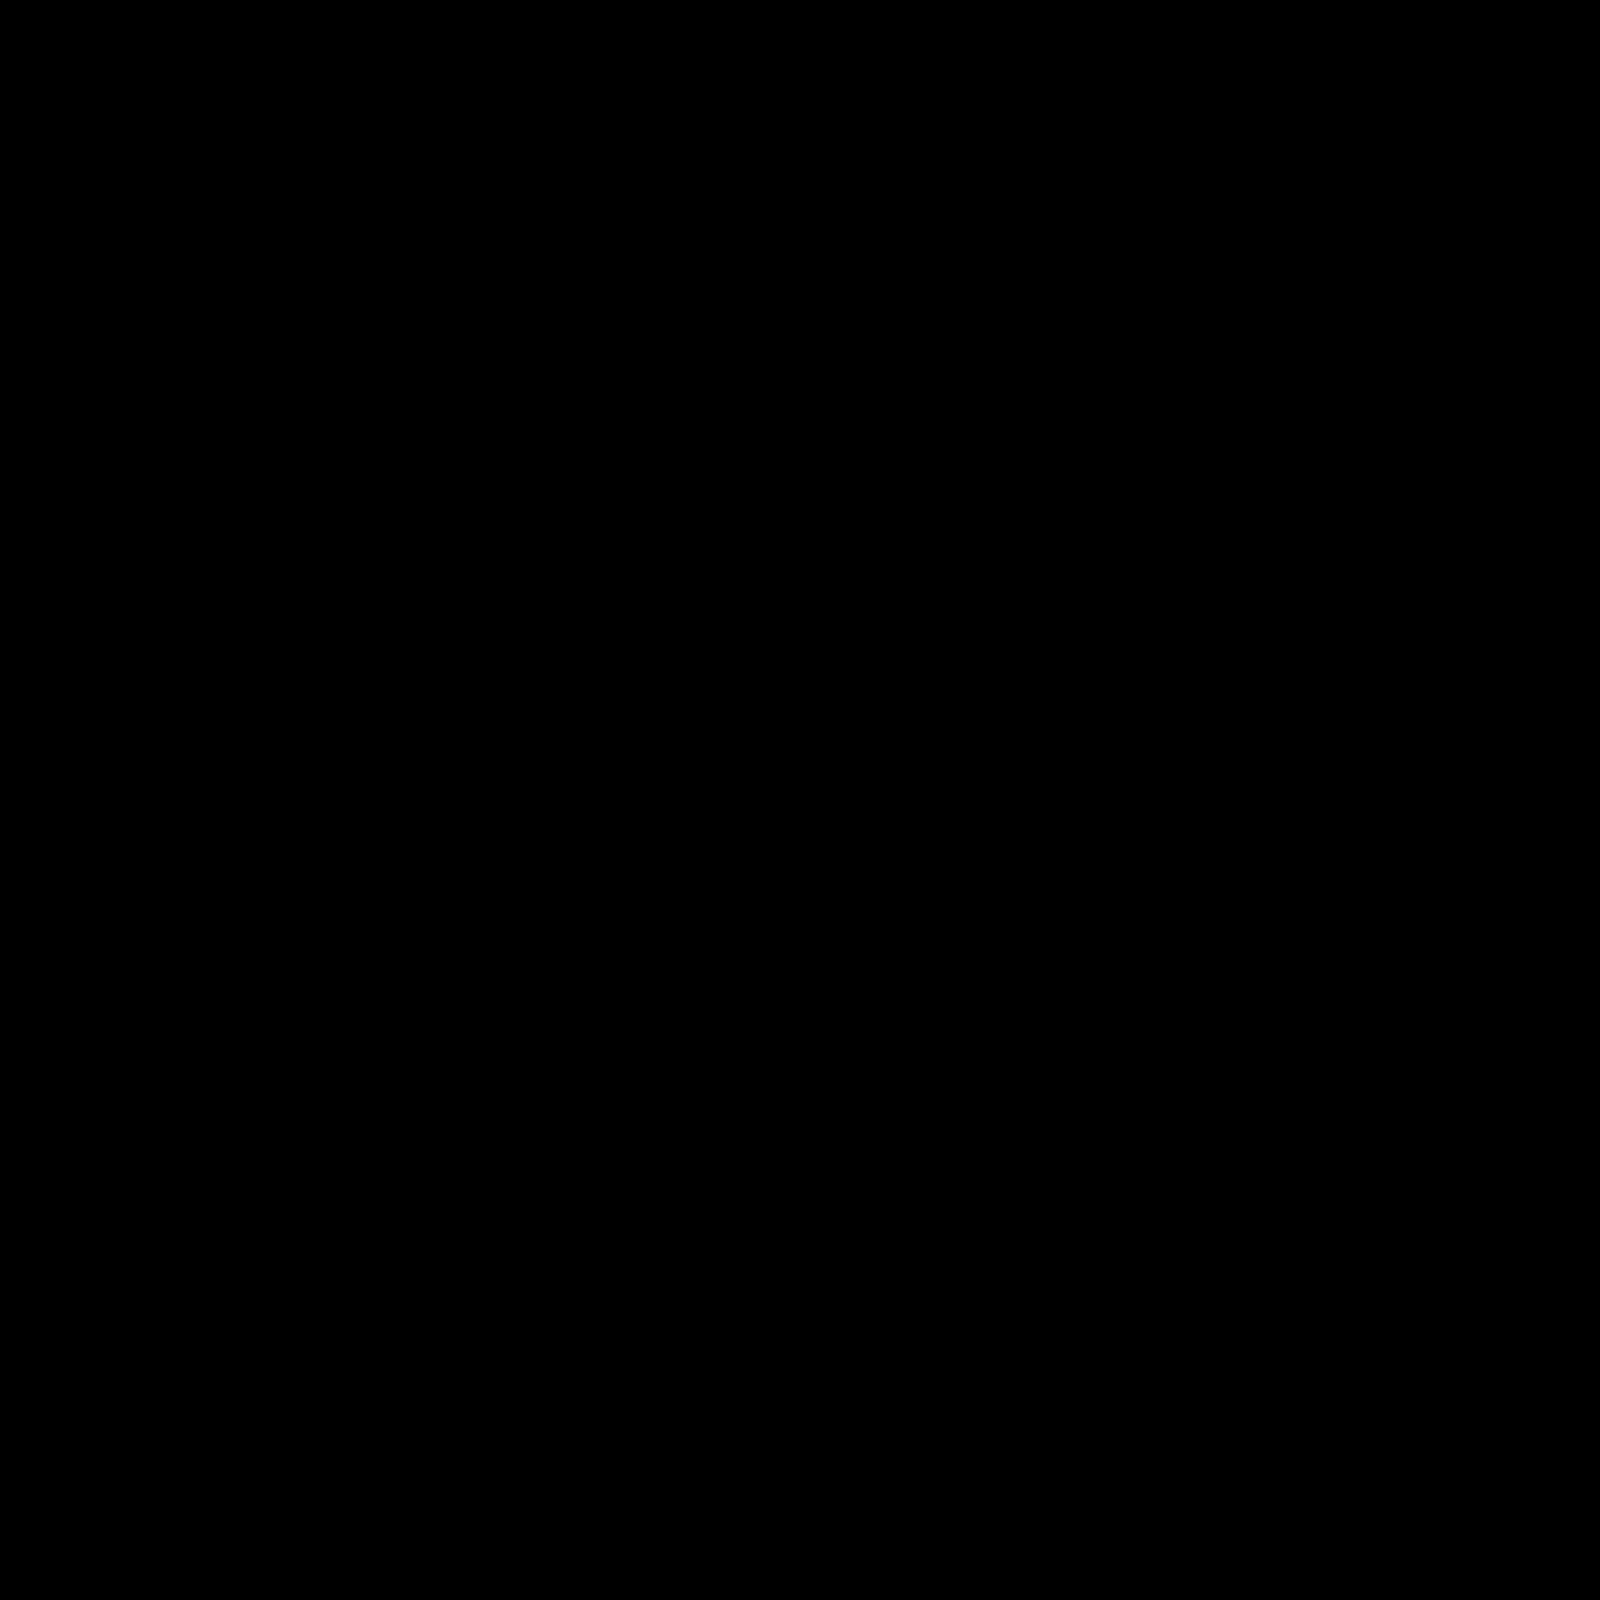 32ビット icon